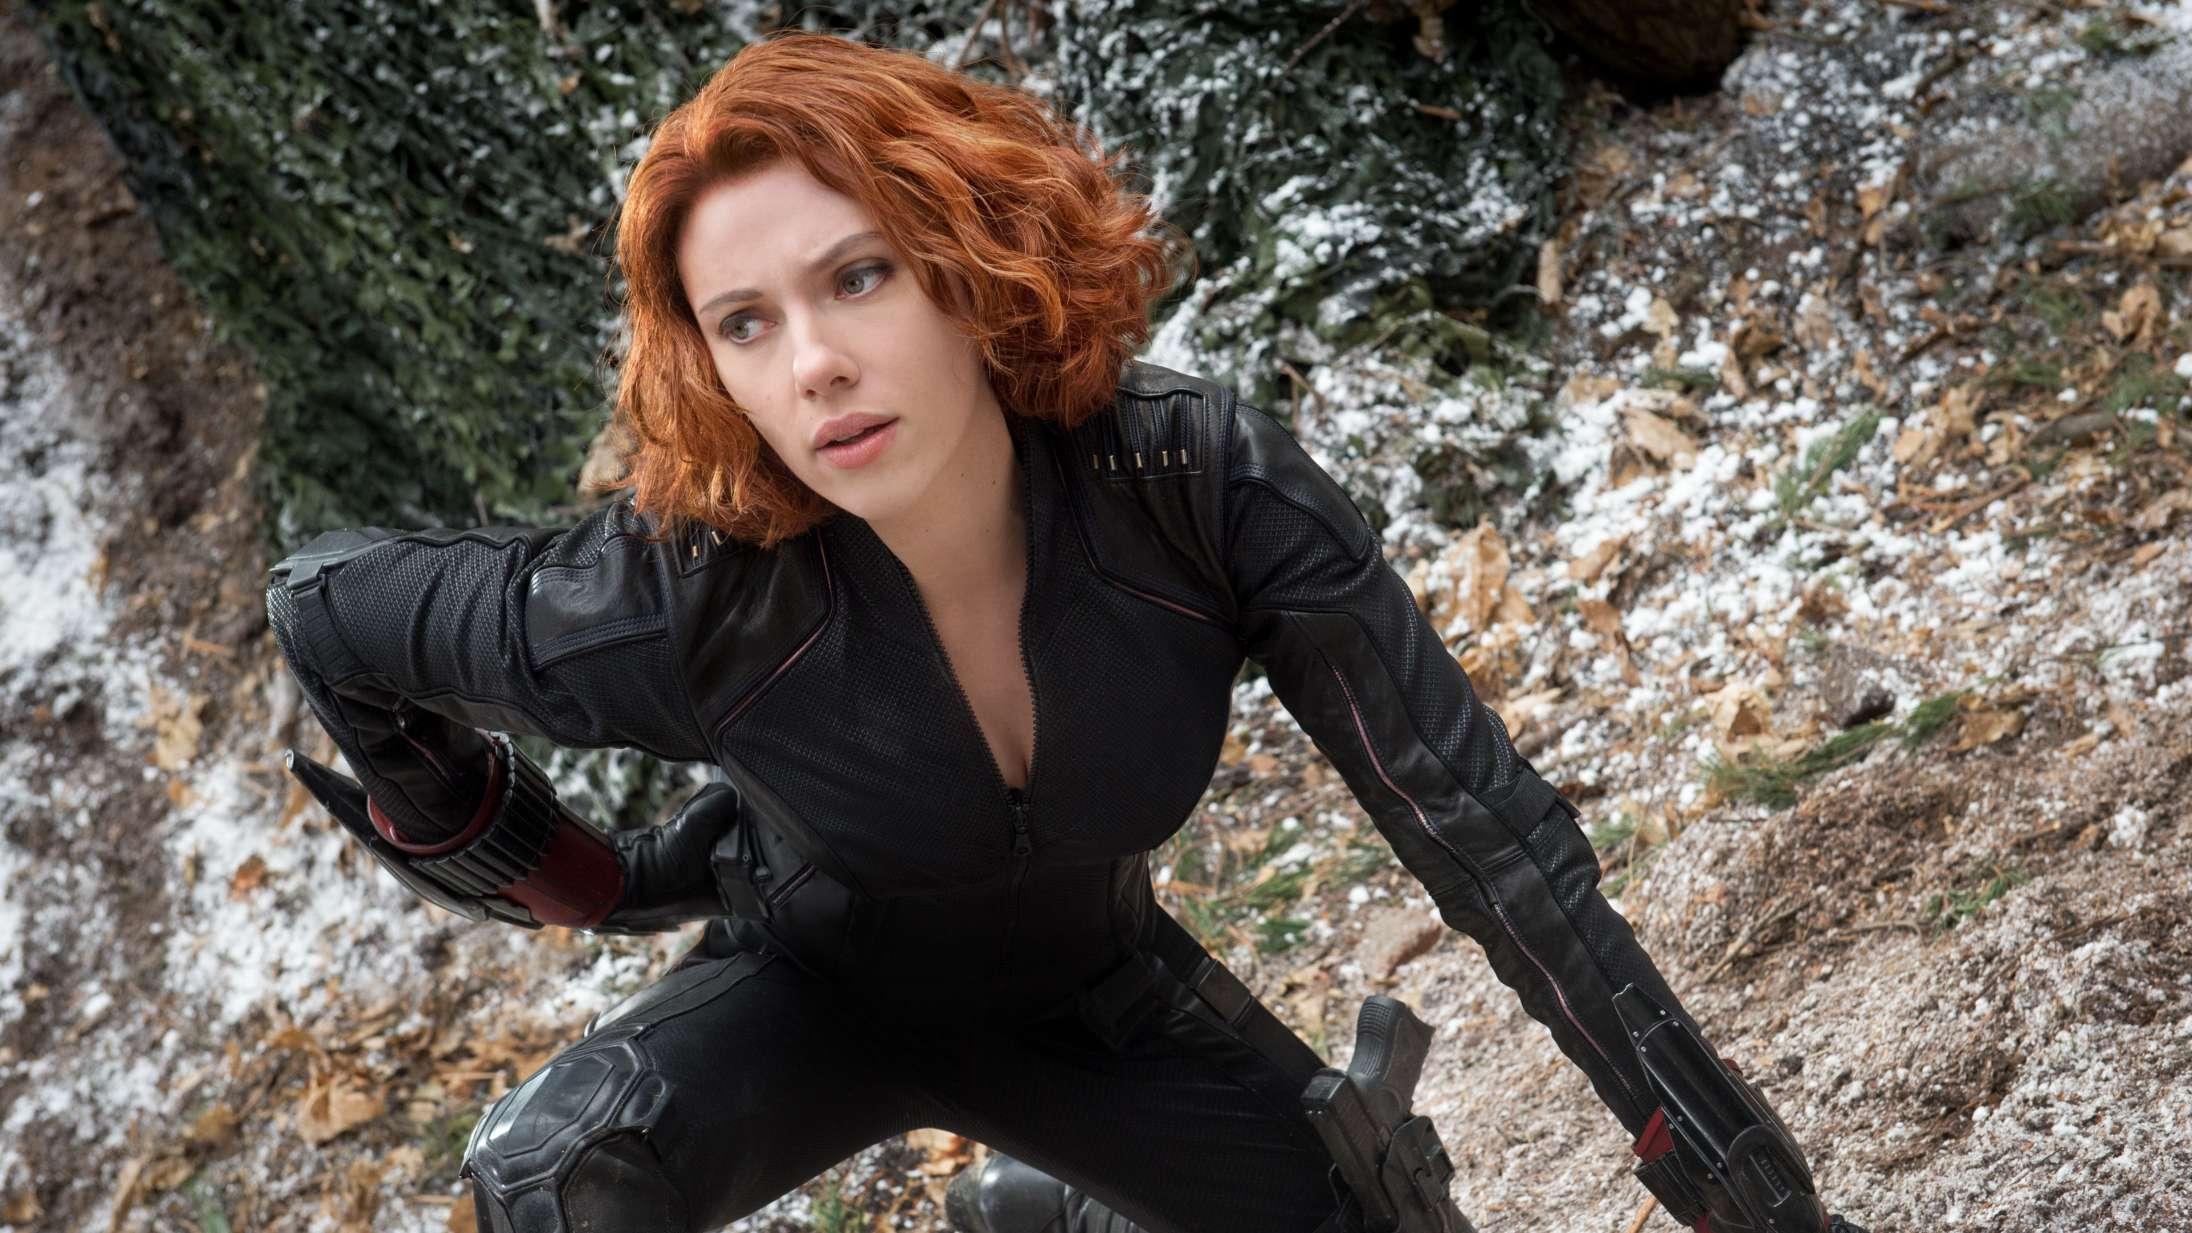 Nej, Scarlett Johanssons angreb på Disney er ikke udtryk for en superstjernes grådighed